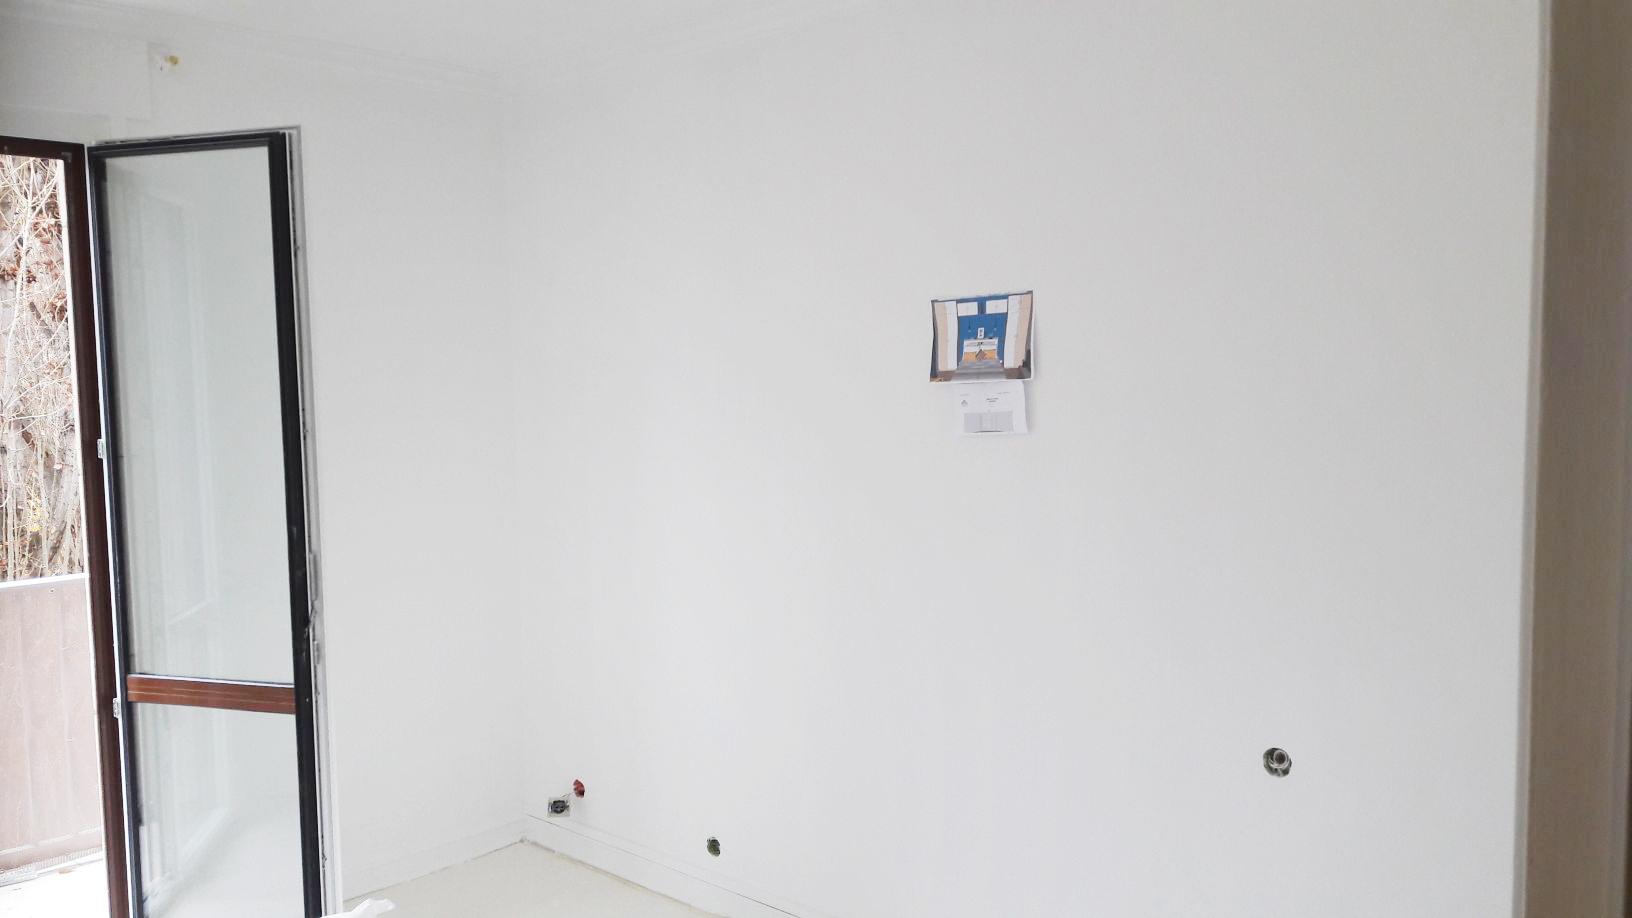 Travaux dans la future chambre bleue - Studio Chichichic